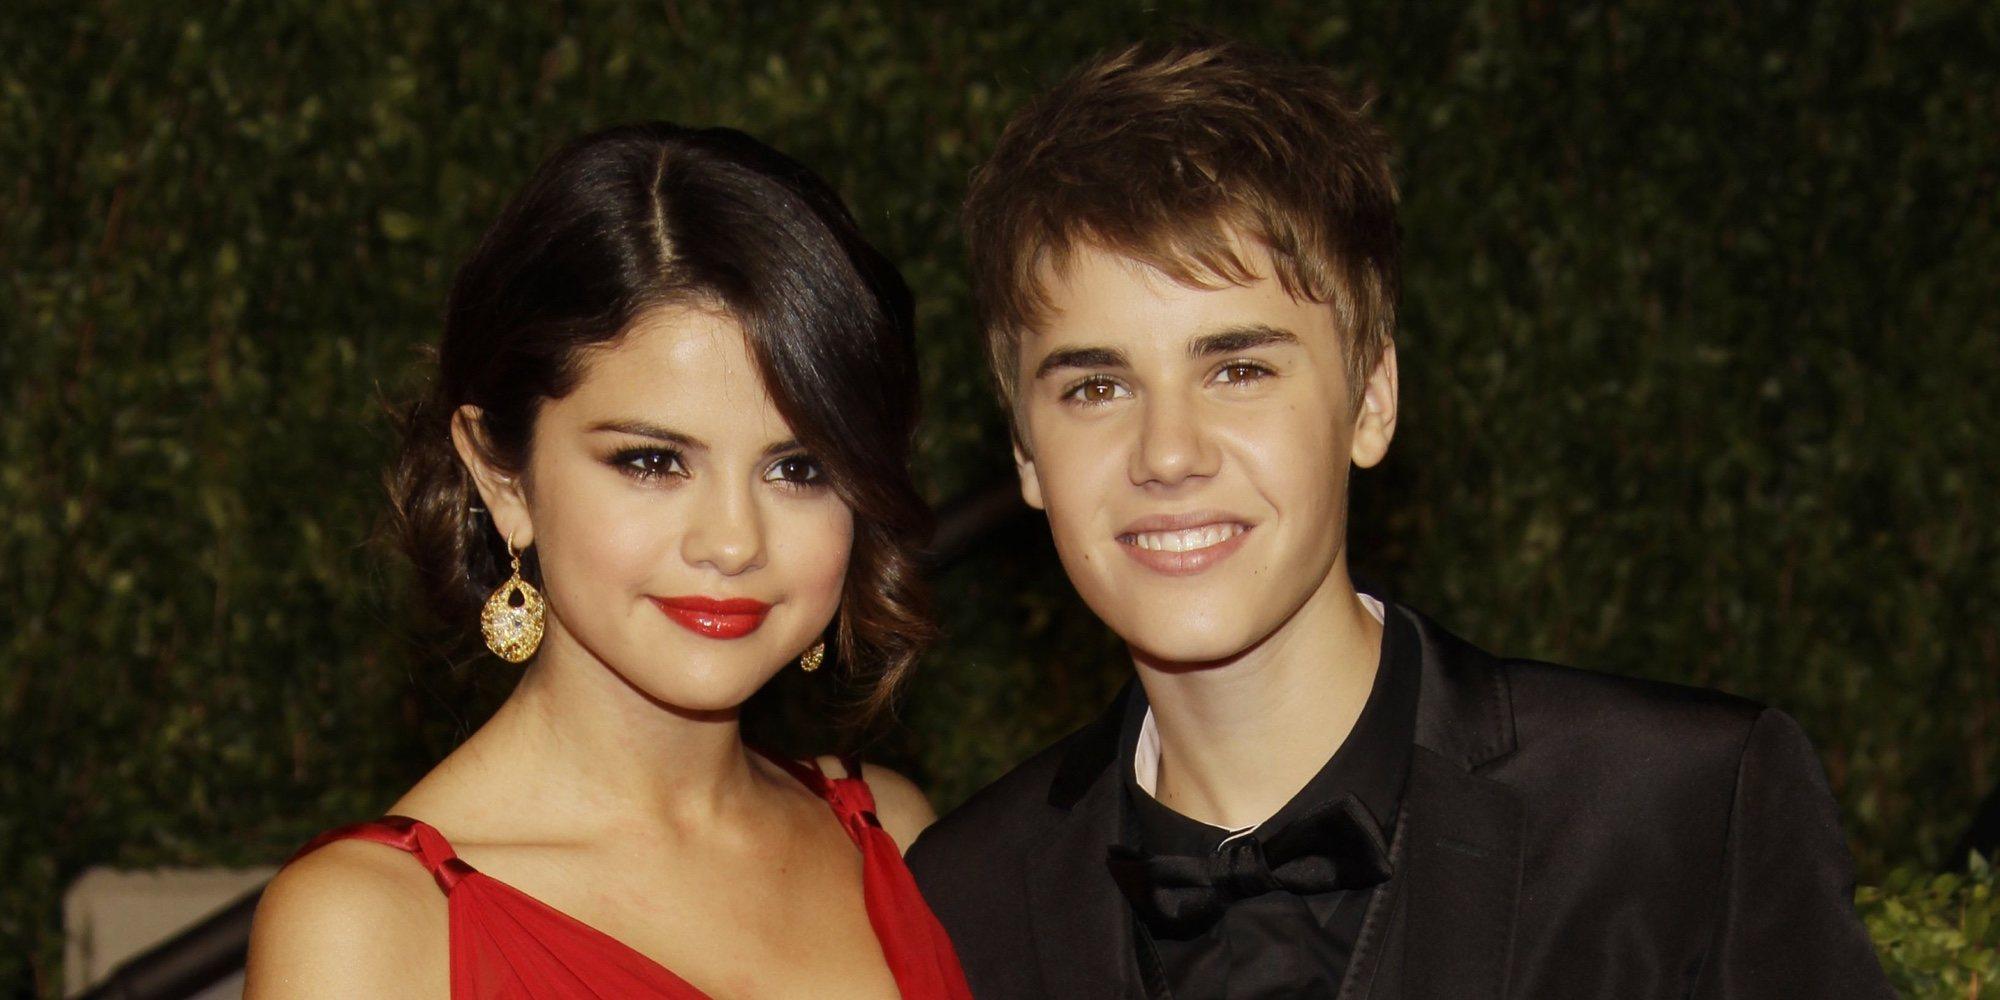 """Justin Bieber responde a los comentarios: """"Selena Gomez siempre ocupará un lugar especial en mi corazón"""""""